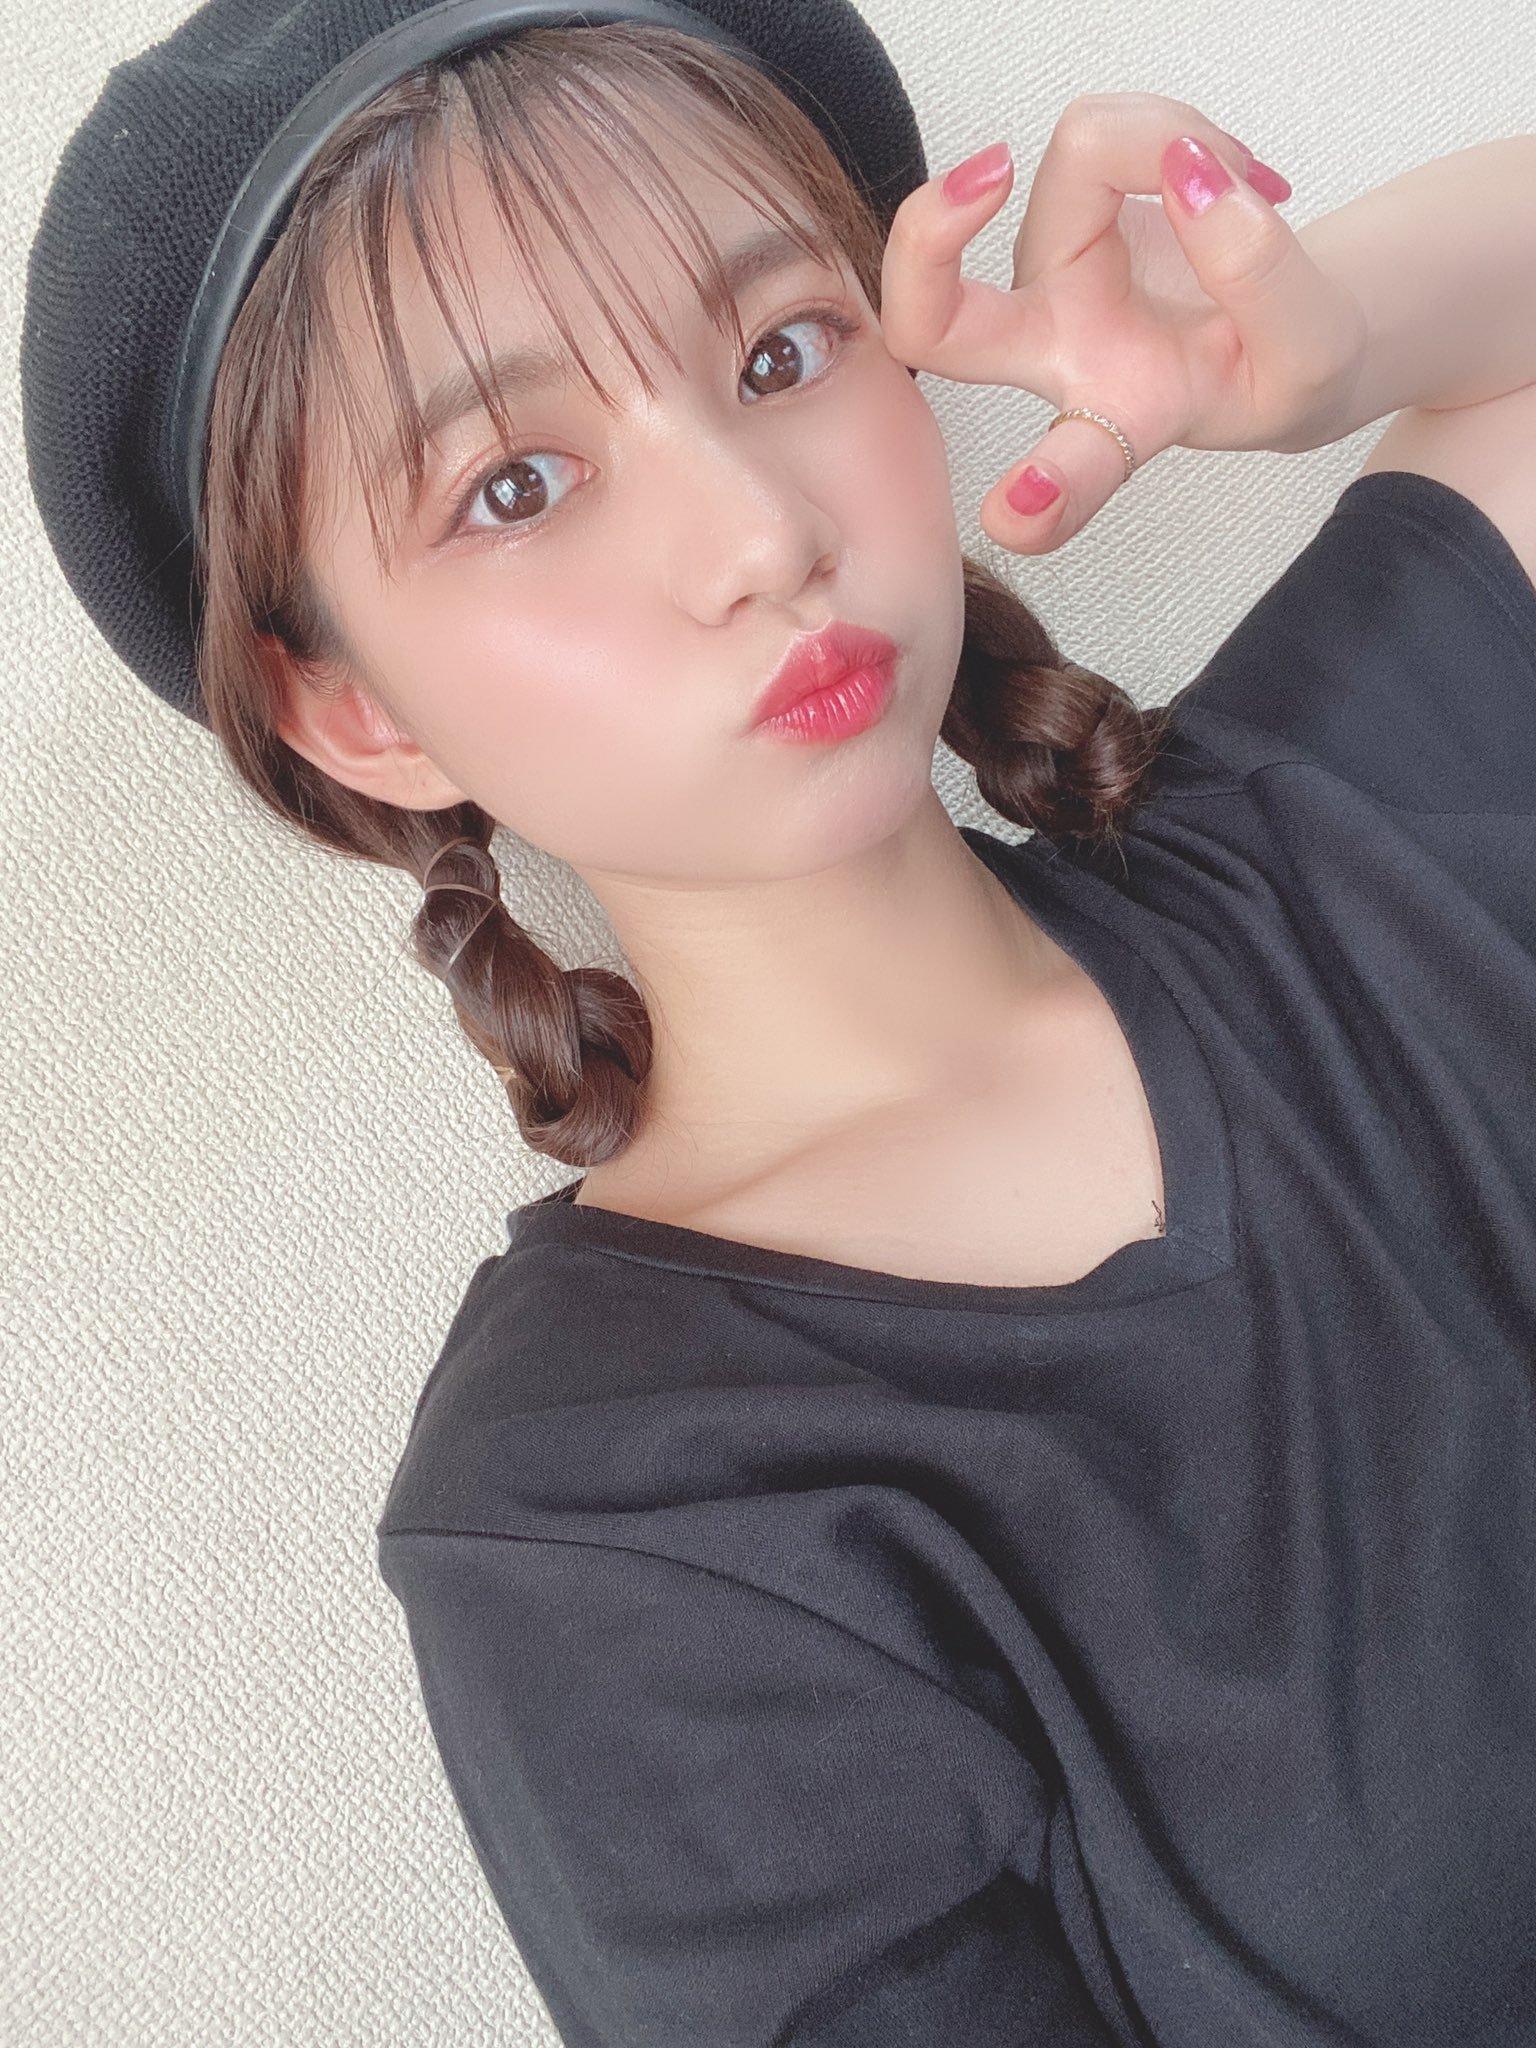 pon_chan216 1268870530049822720_p0